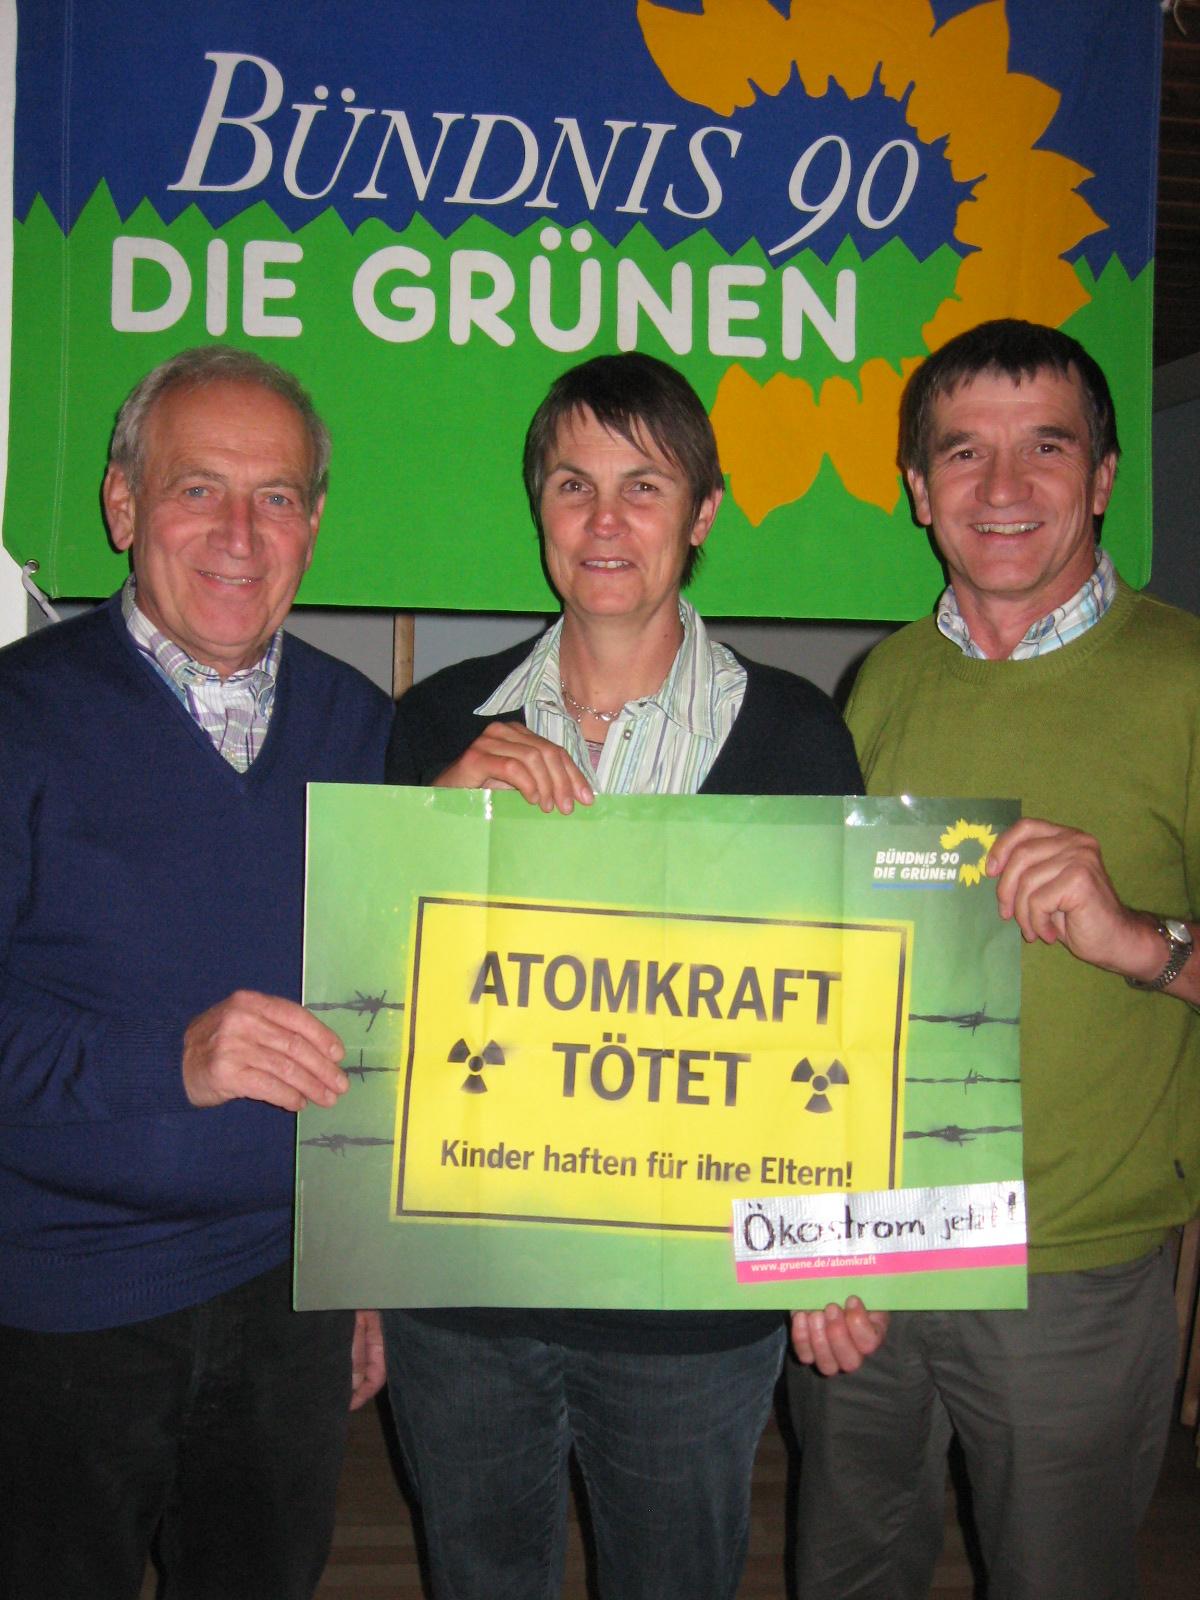 Von links: Rolf Köhler voller Tatendrang zusammen mit Ulrike Seifert und Martin Sirch im Jahre 2011.